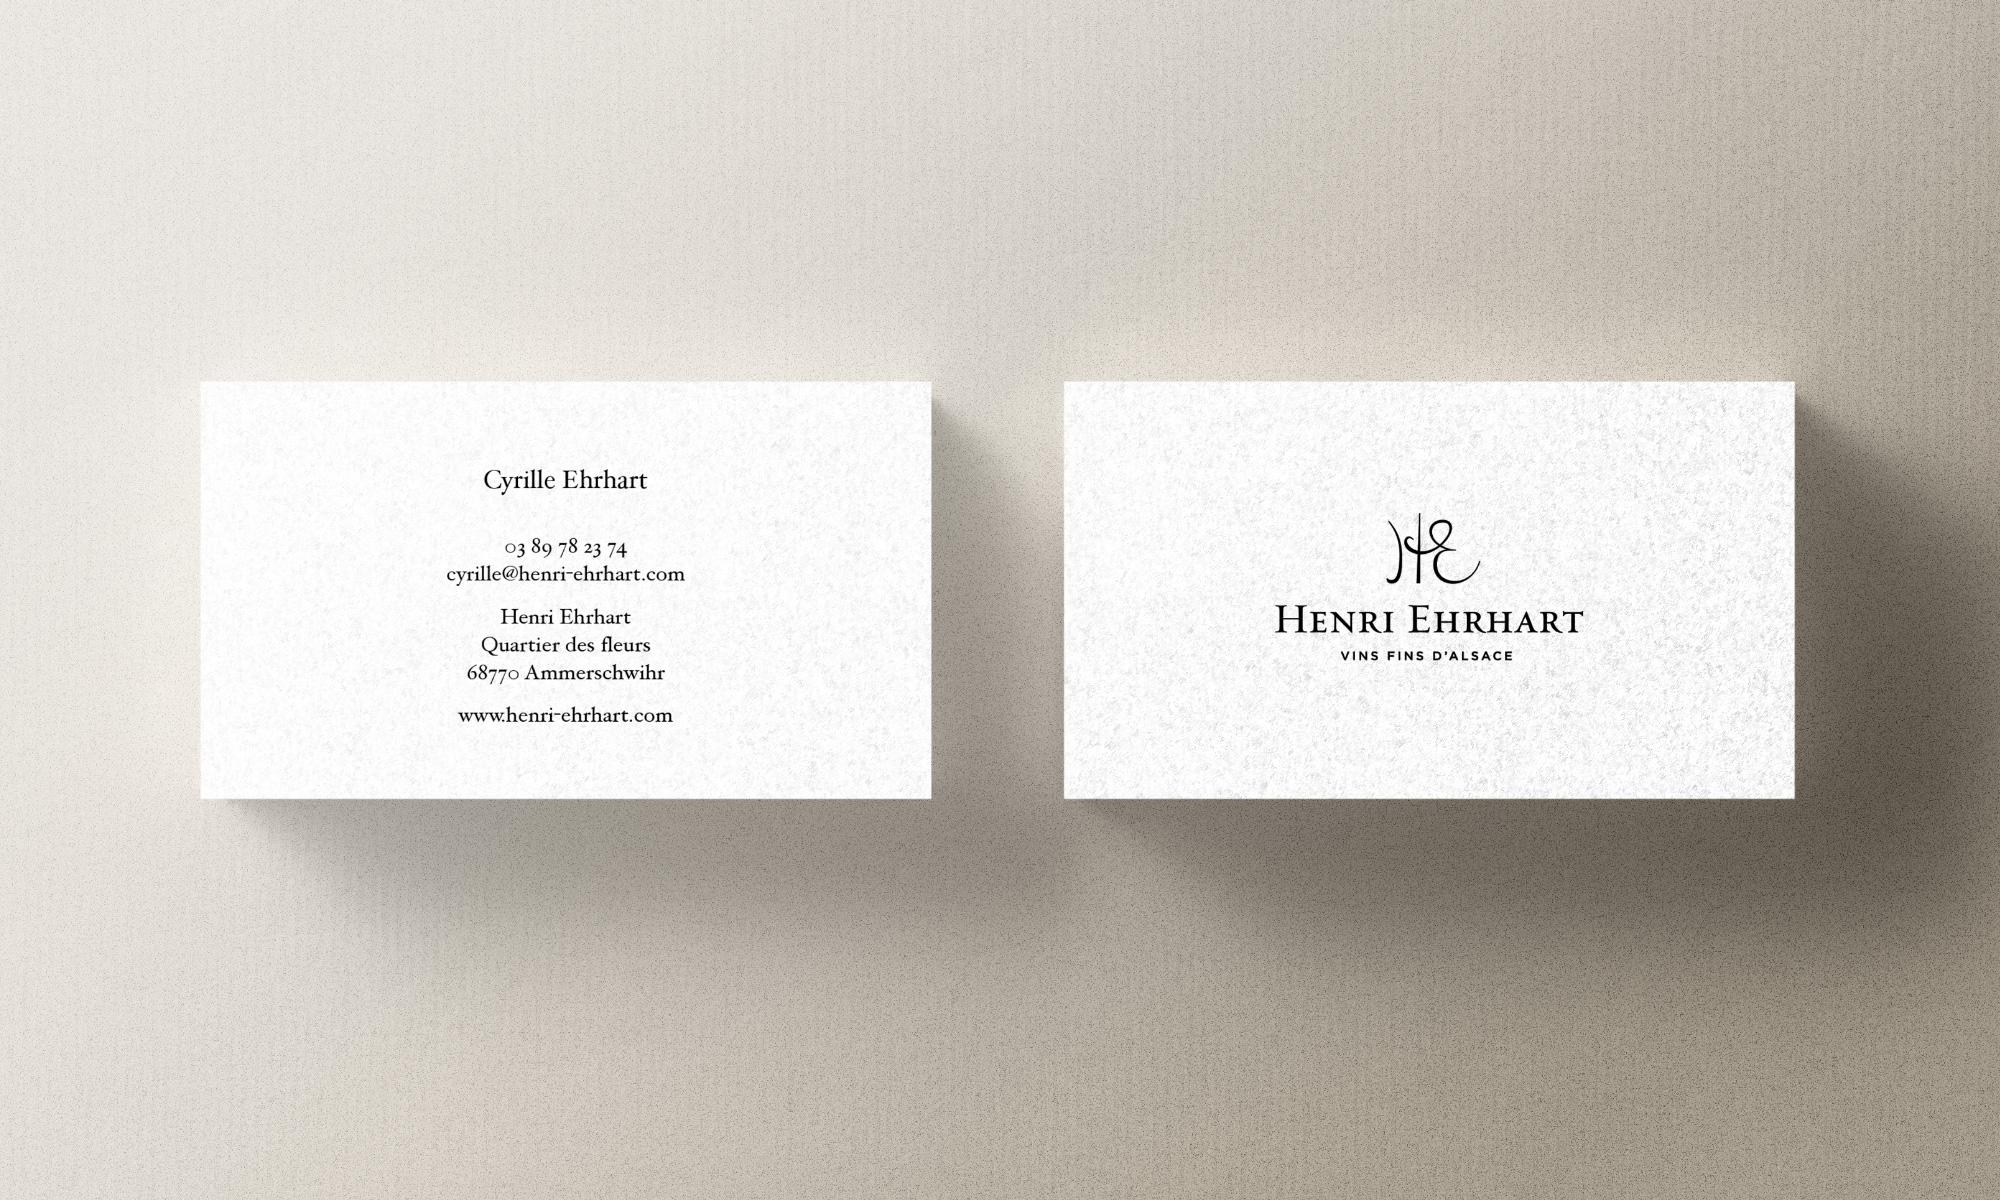 Henri Ehrhart business card